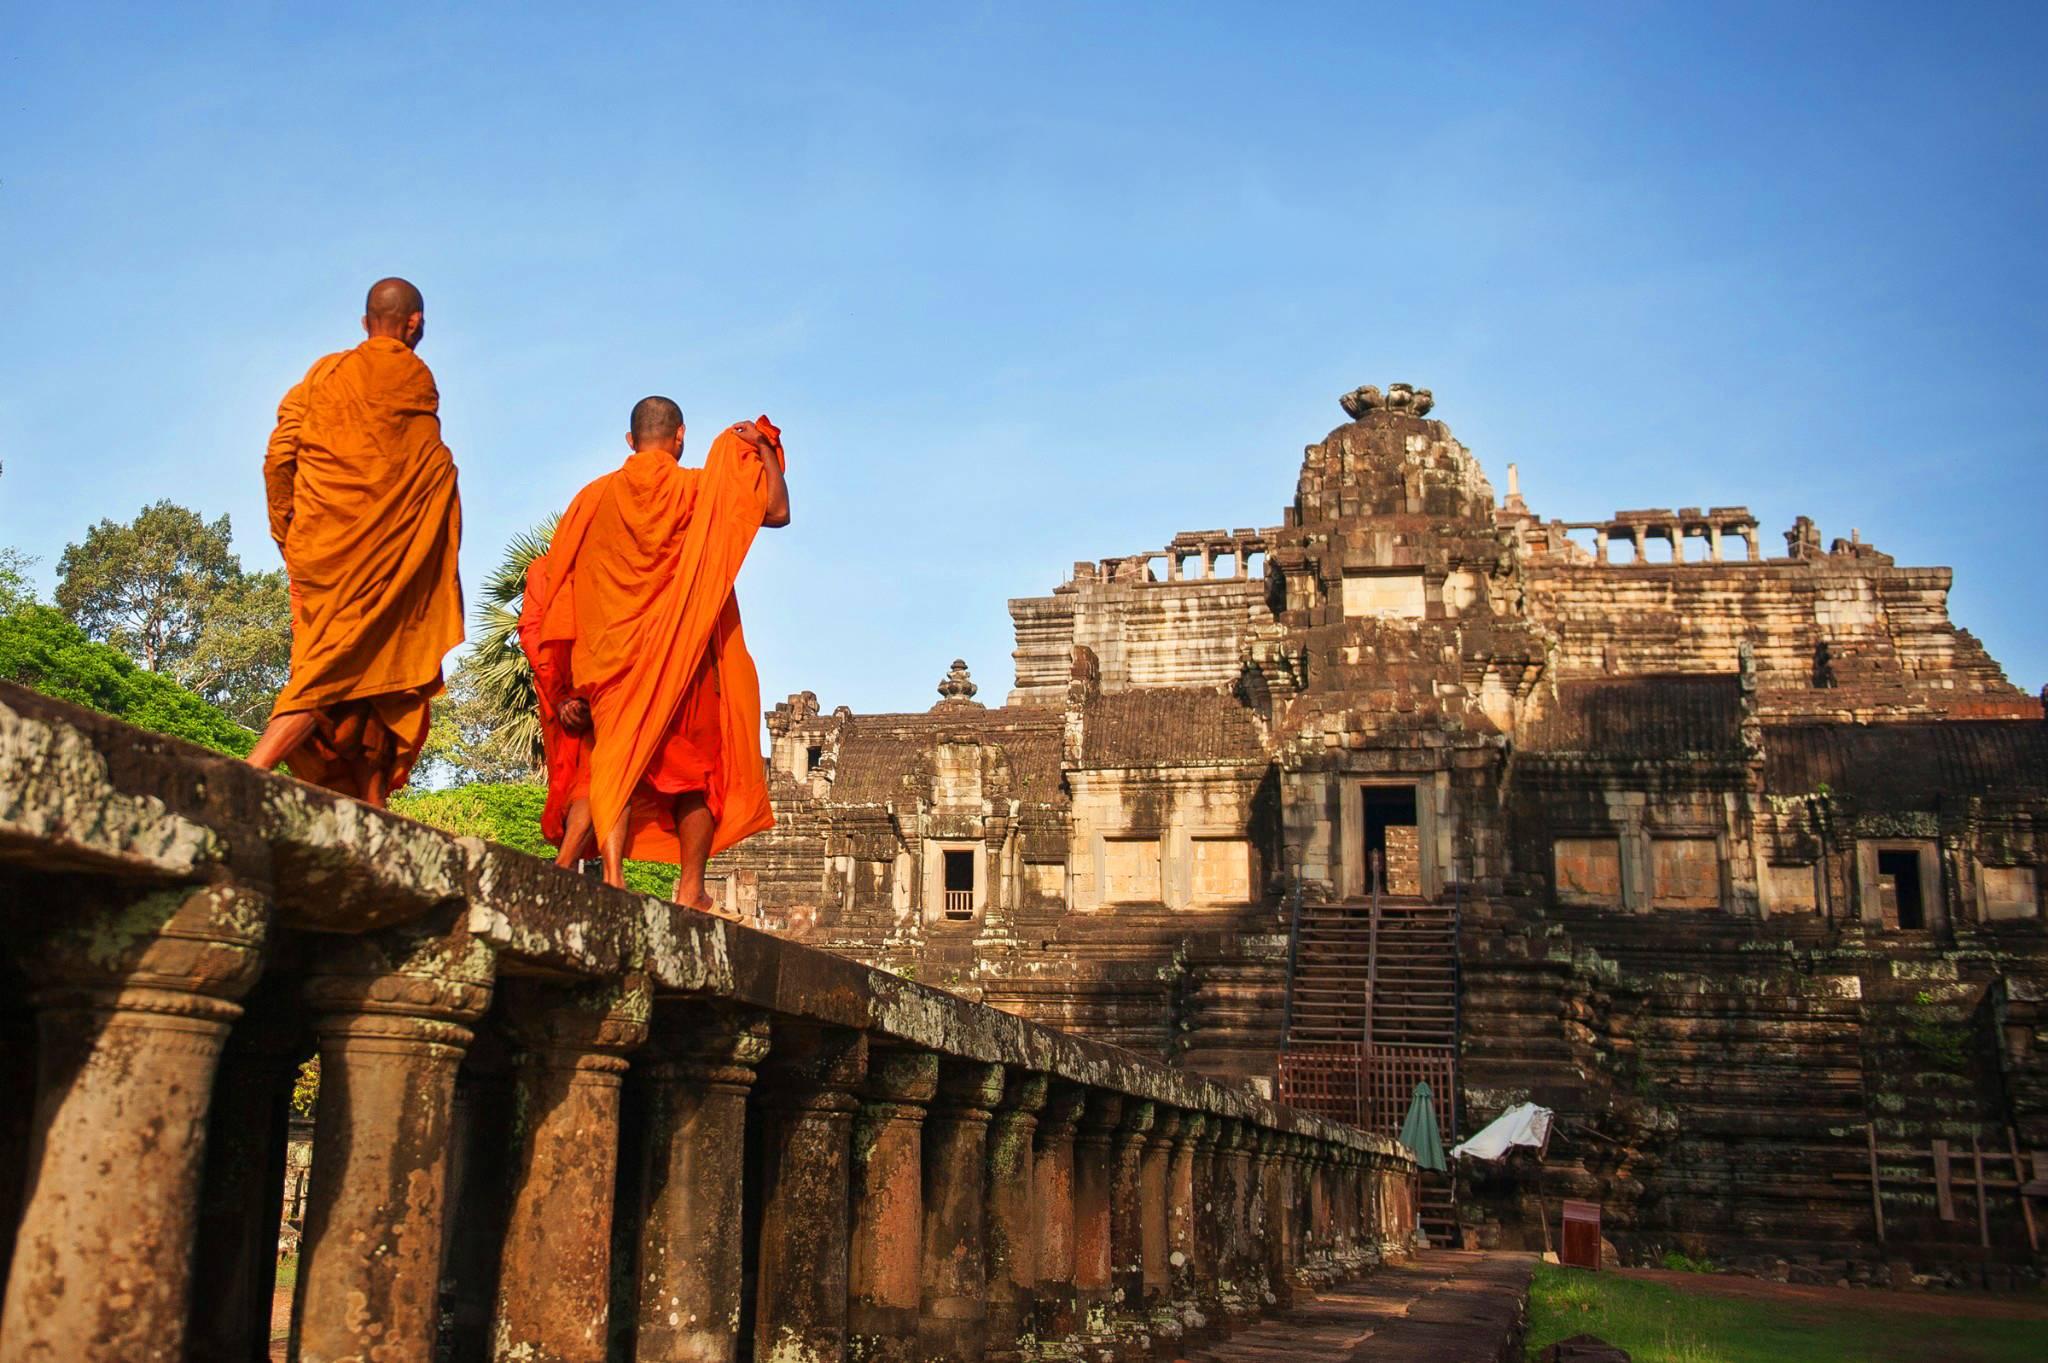 【匠心柬埔寨】柬埔寨大小吴哥澳门往返双飞六天五晚